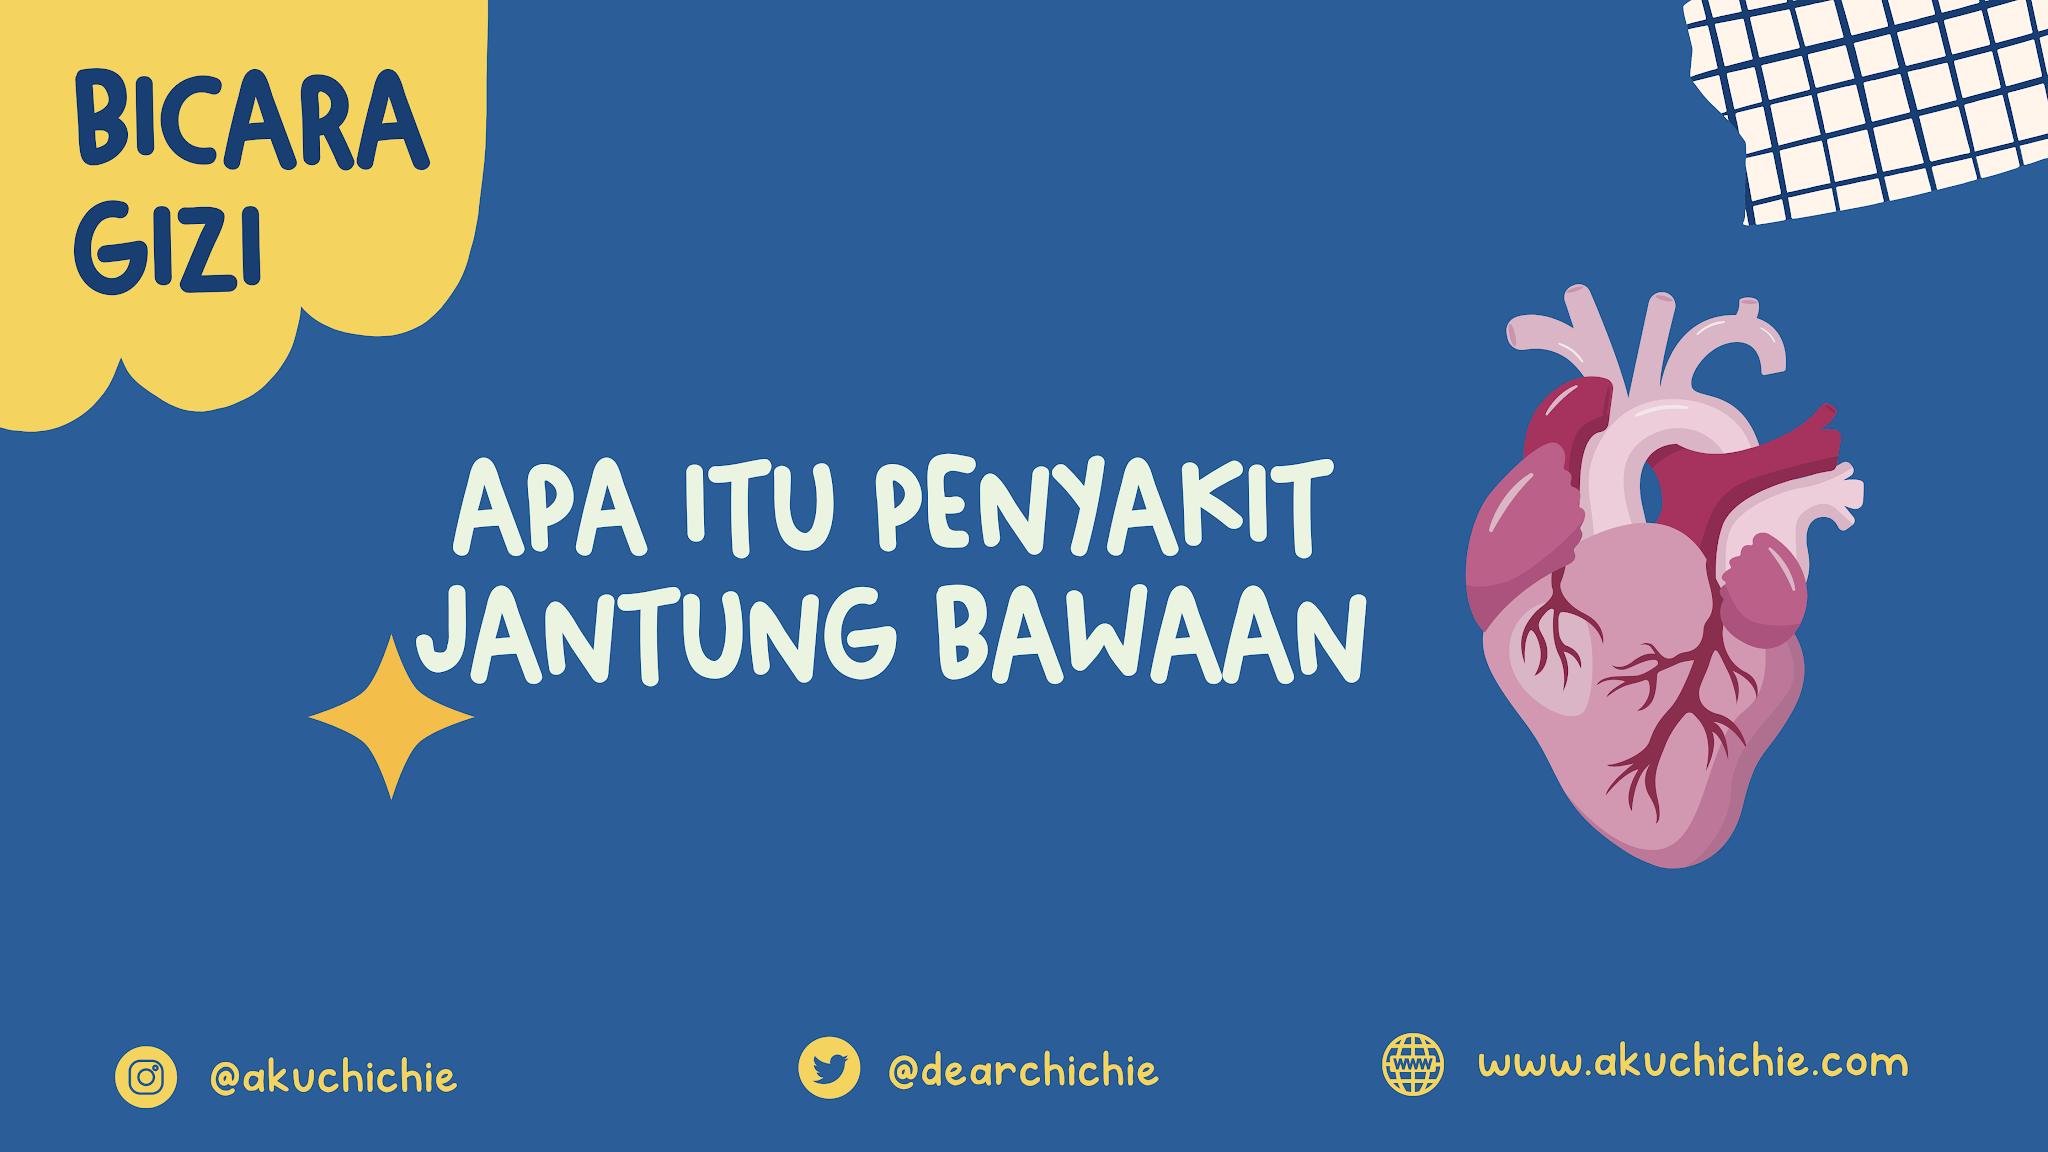 penyakit jantung bawaan pada anak